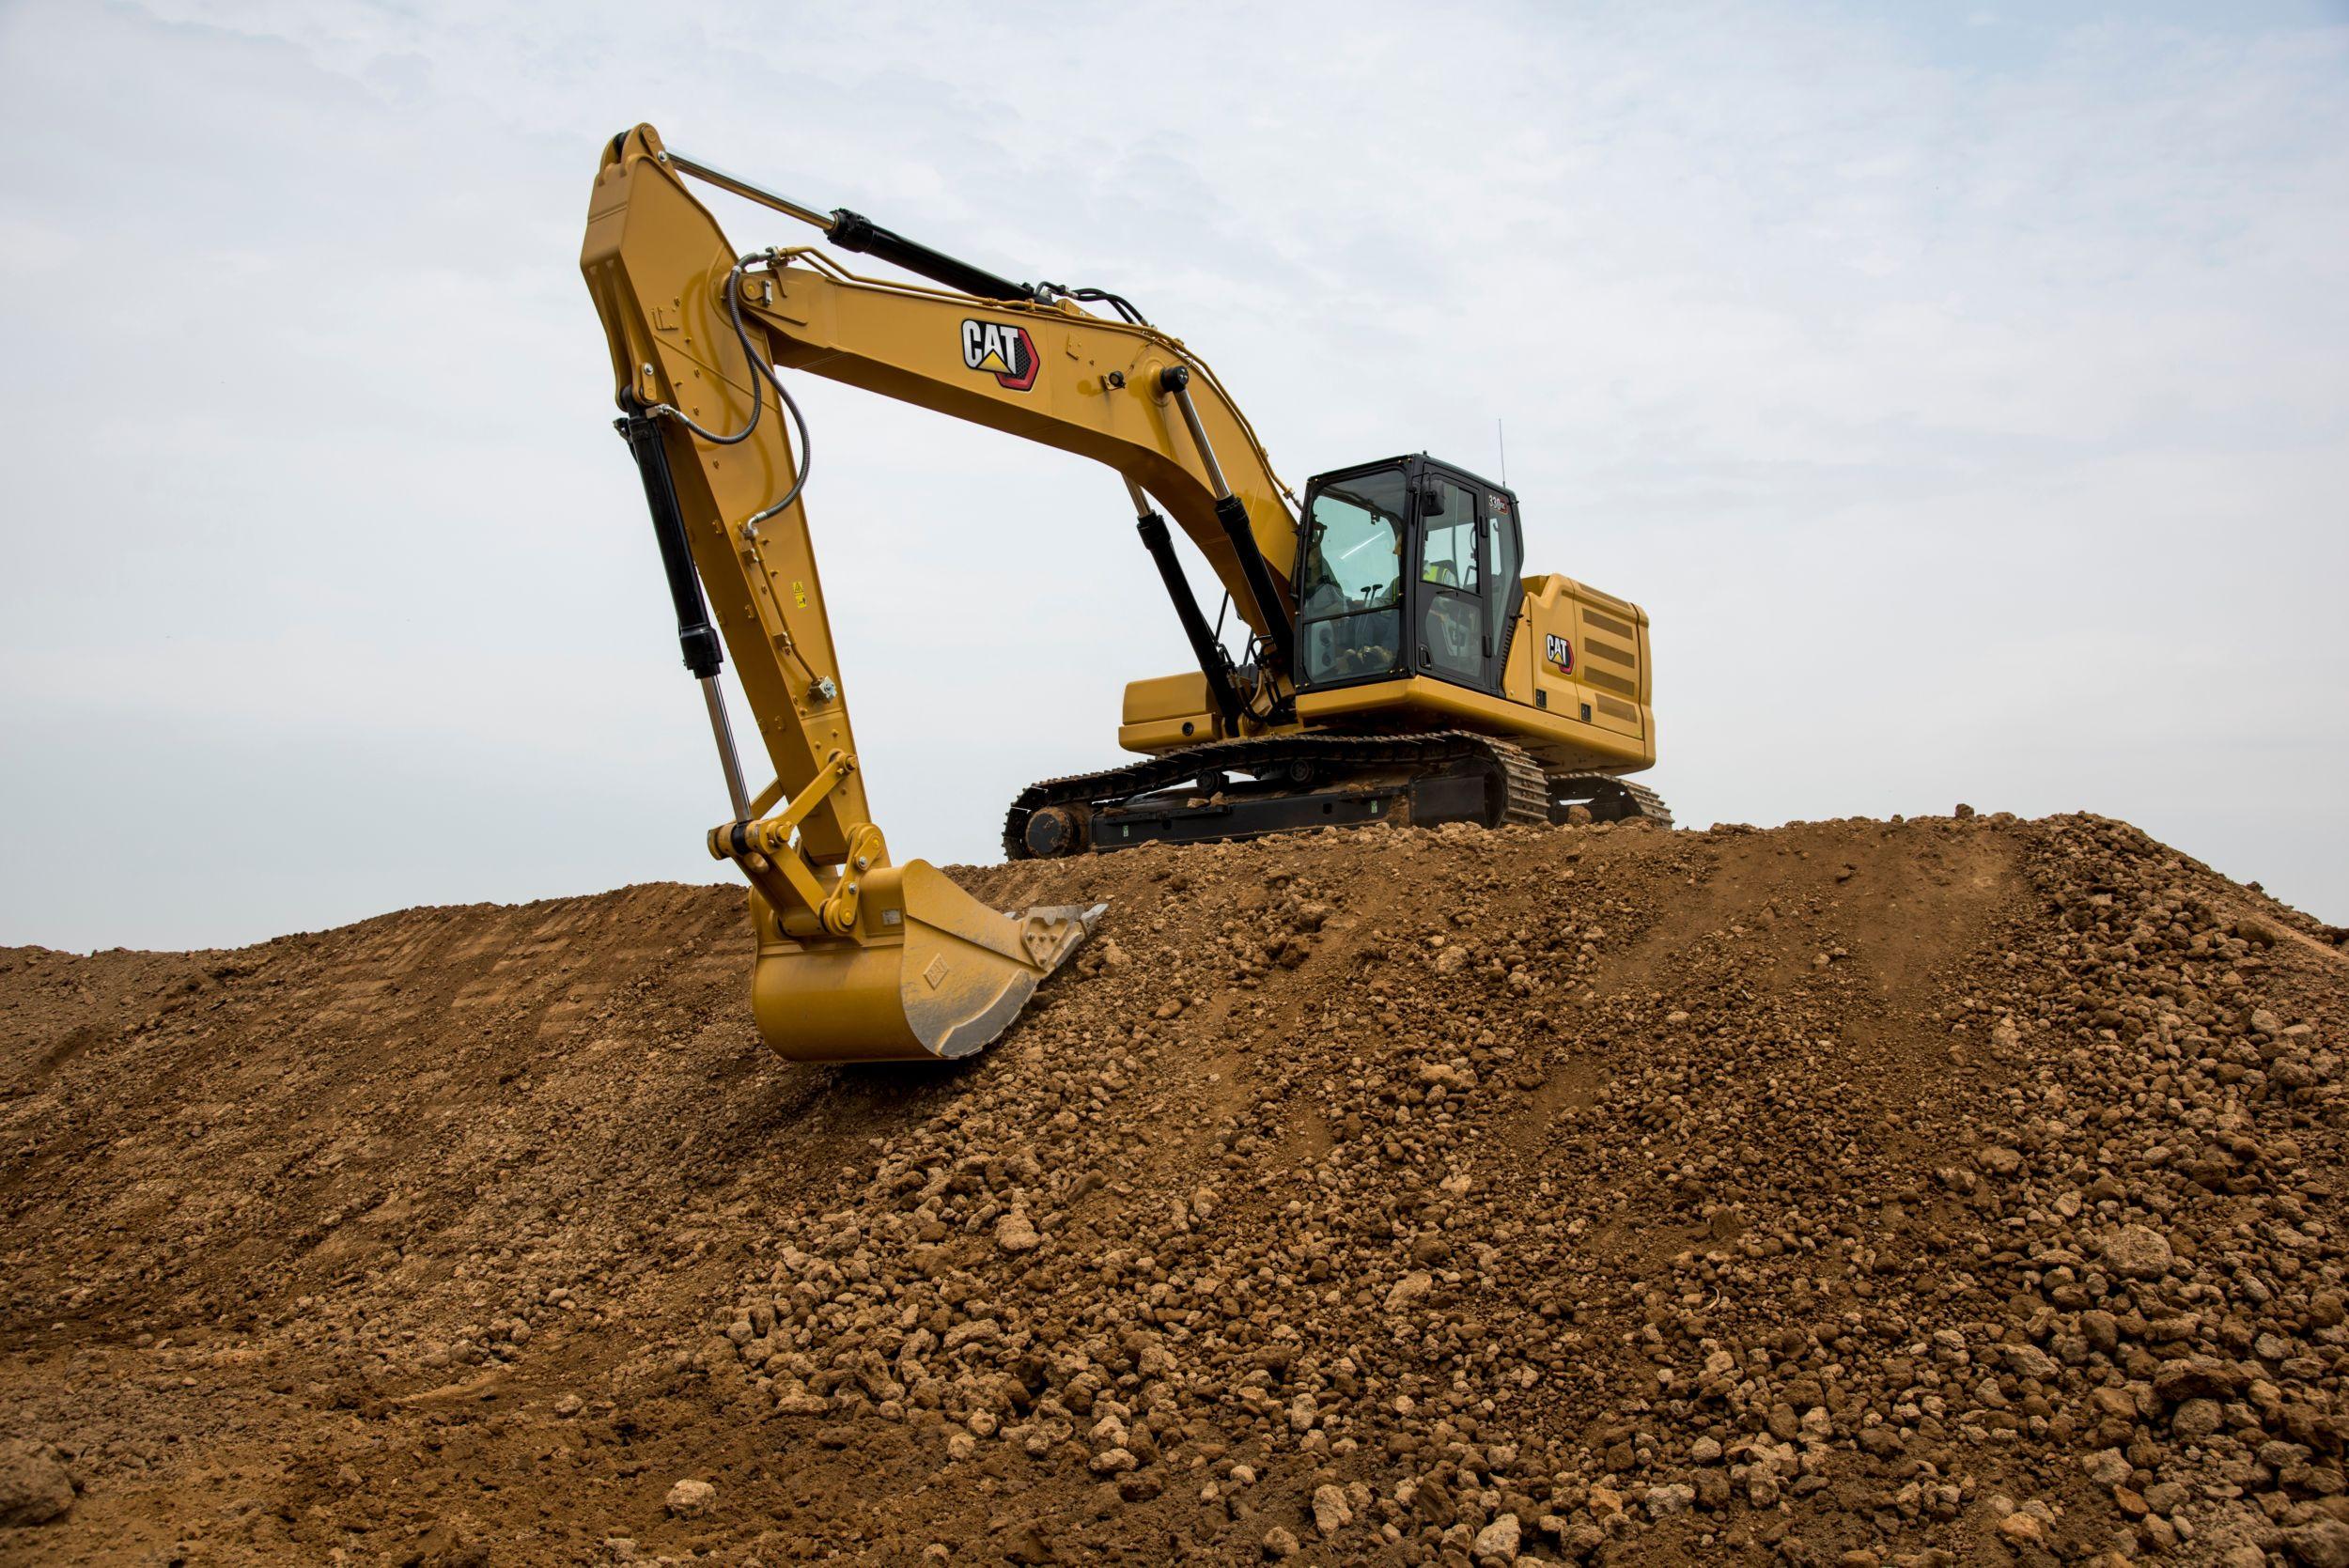 330GC excavators